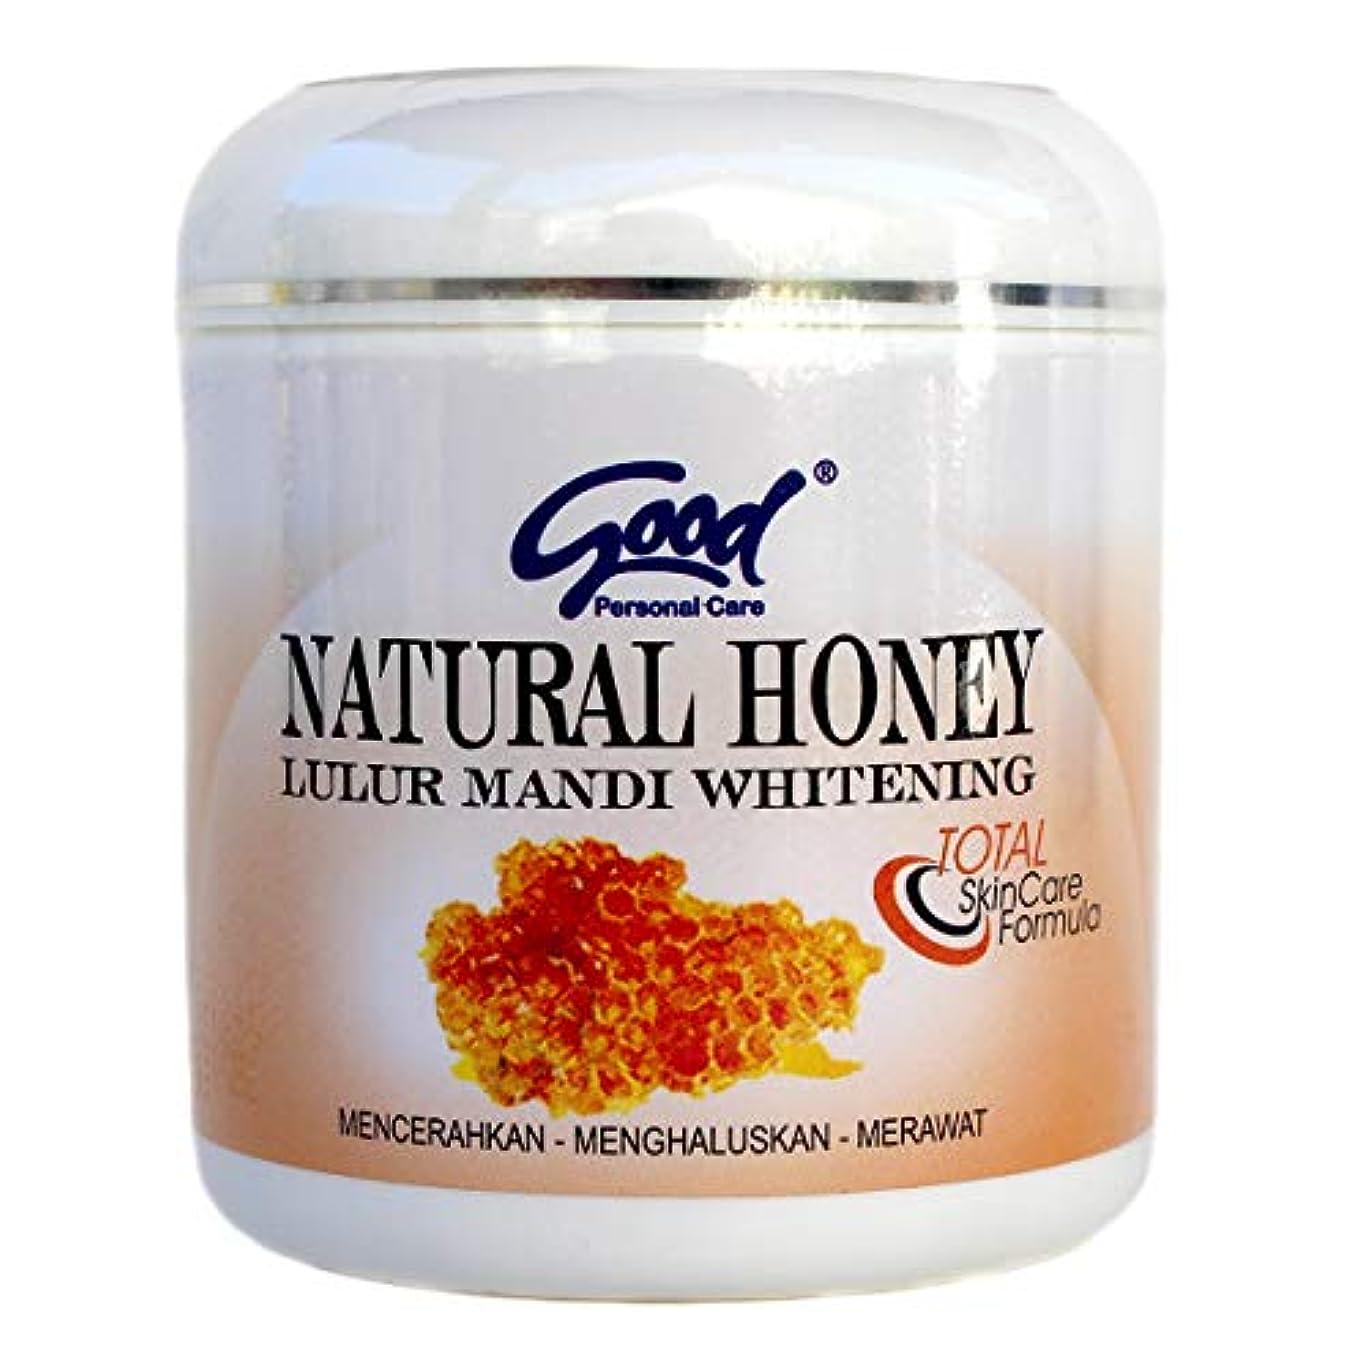 大学感嘆符障害good グッド インドネシアバリ島の伝統的なボディスクラブ Lulur Mandi マンディルルール 200g Natural Honey ナチュラルハニー [海外直送品]